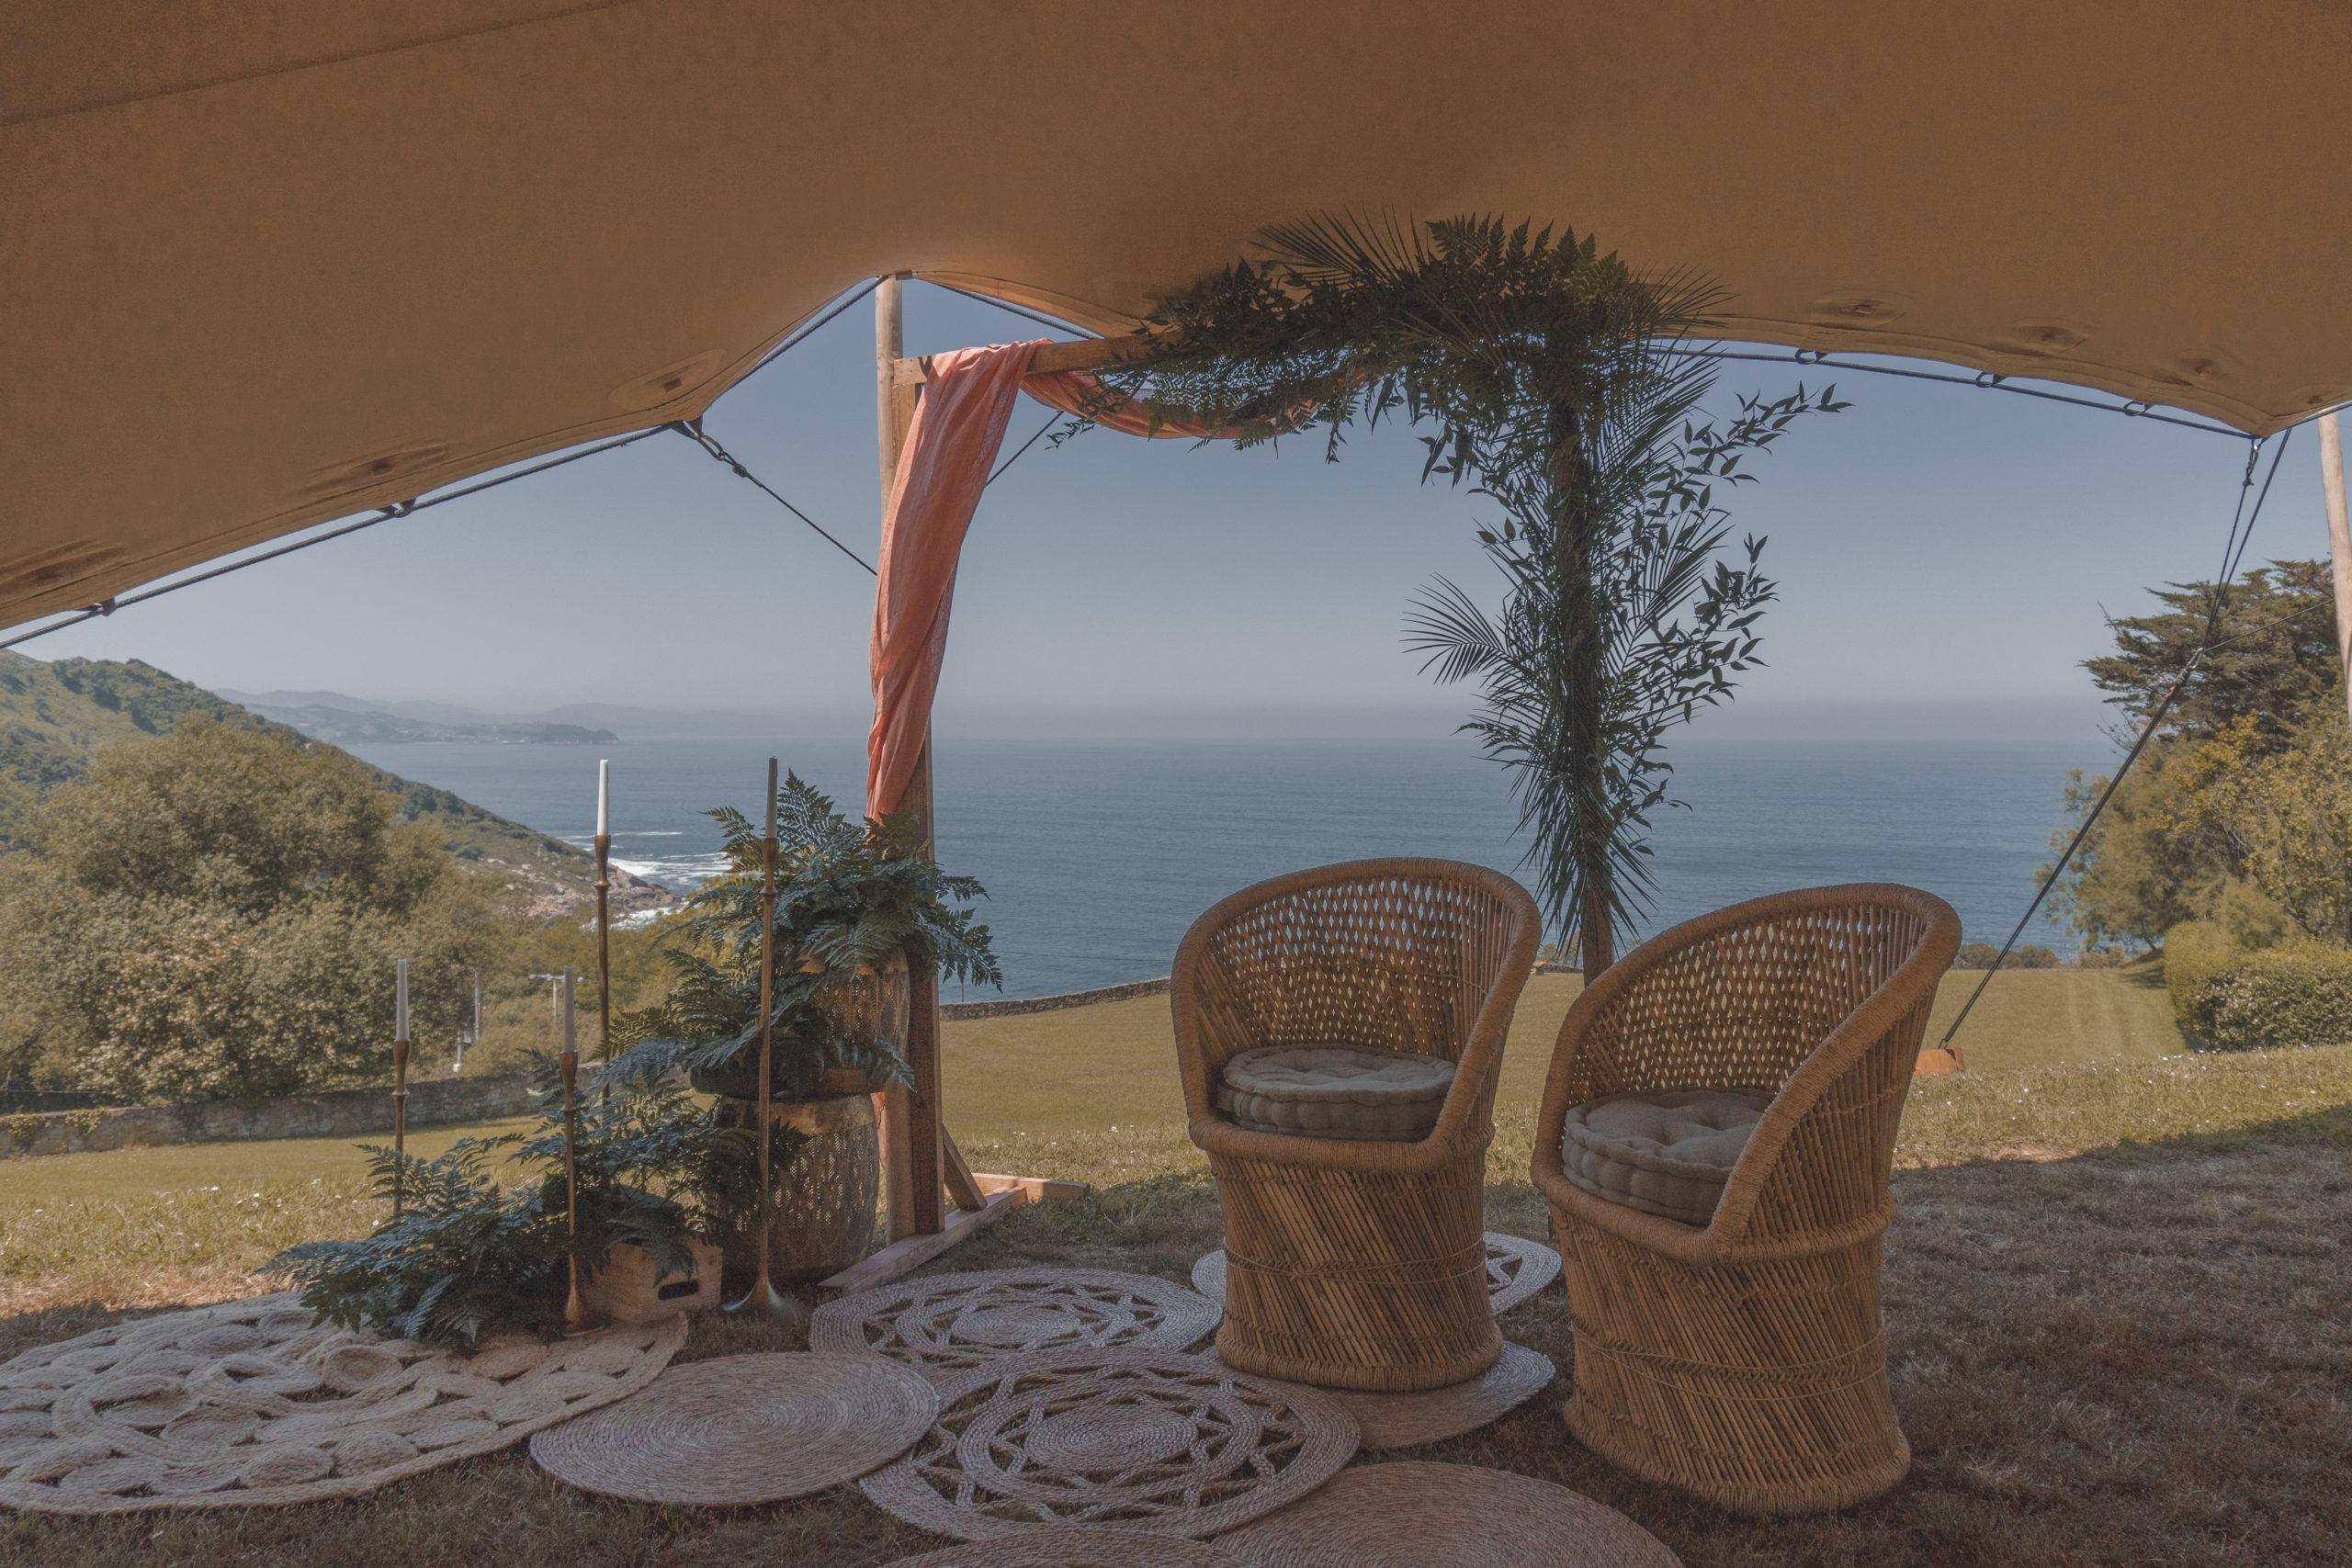 Ceremonia bajo una carpa: con sillones ratán individuales, arco, alfombras varias y decoración floral frente al mar